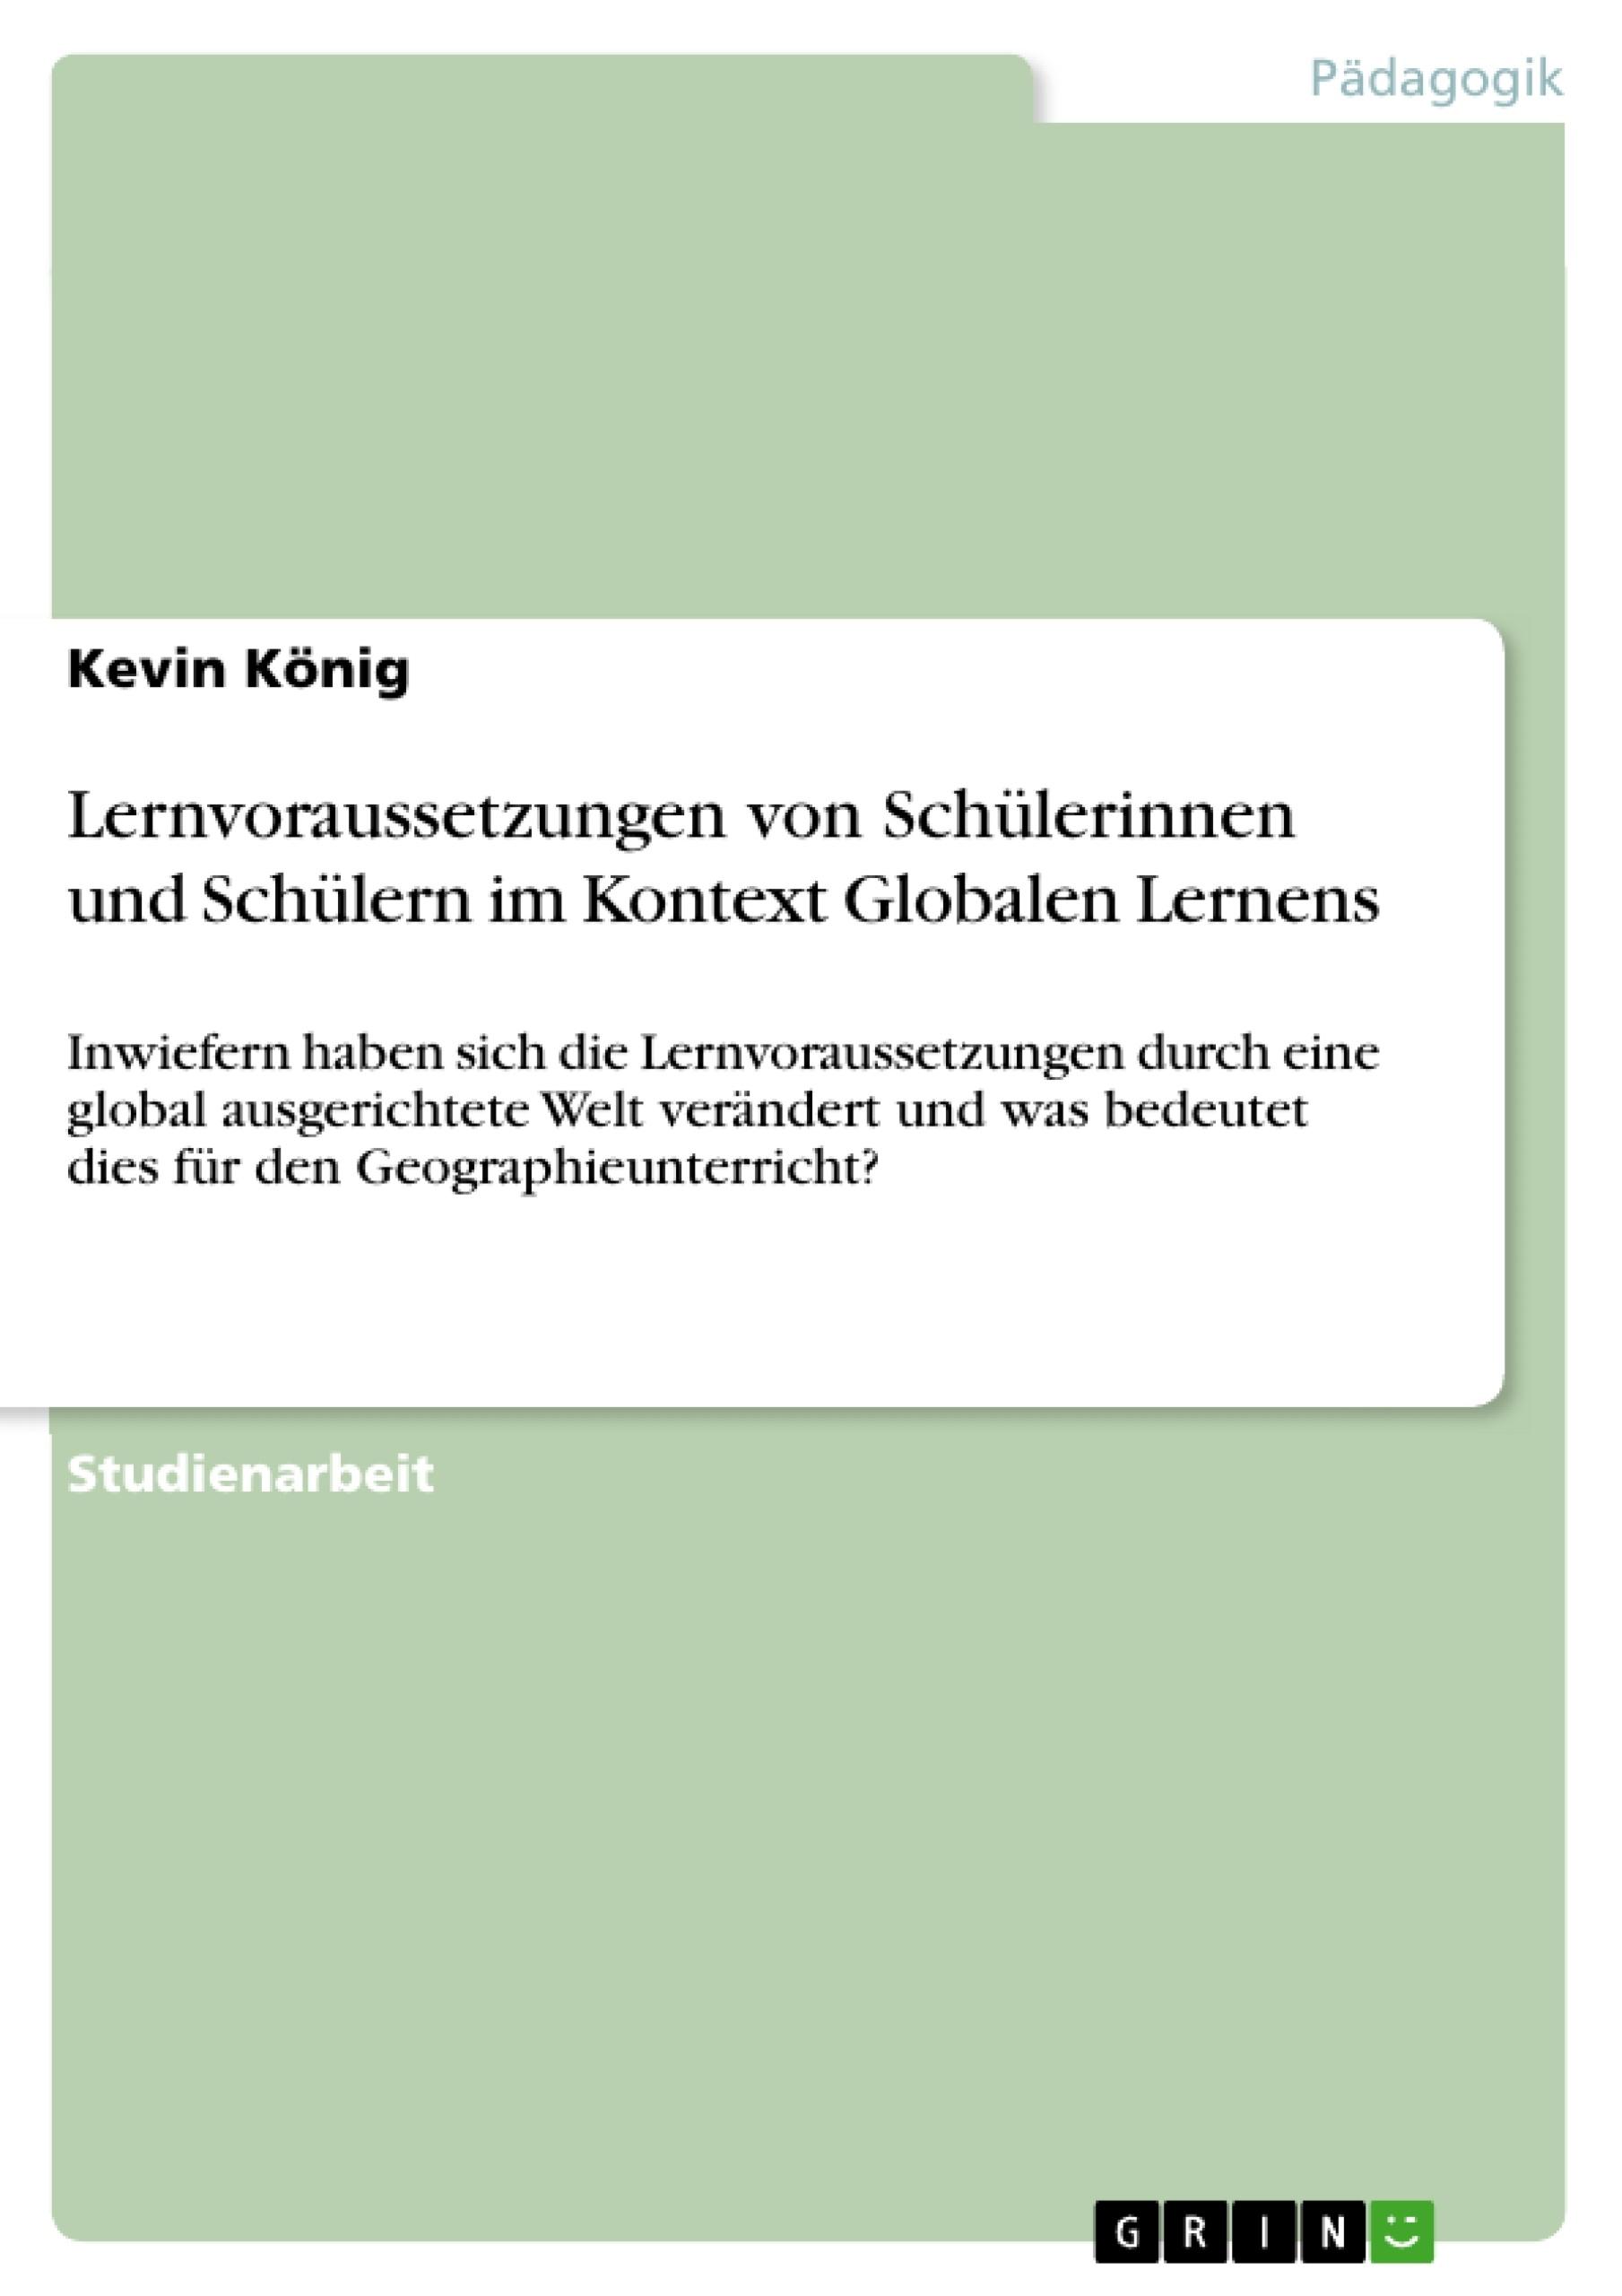 Titel: Lernvoraussetzungen von Schülerinnen und Schülern im Kontext Globalen Lernens